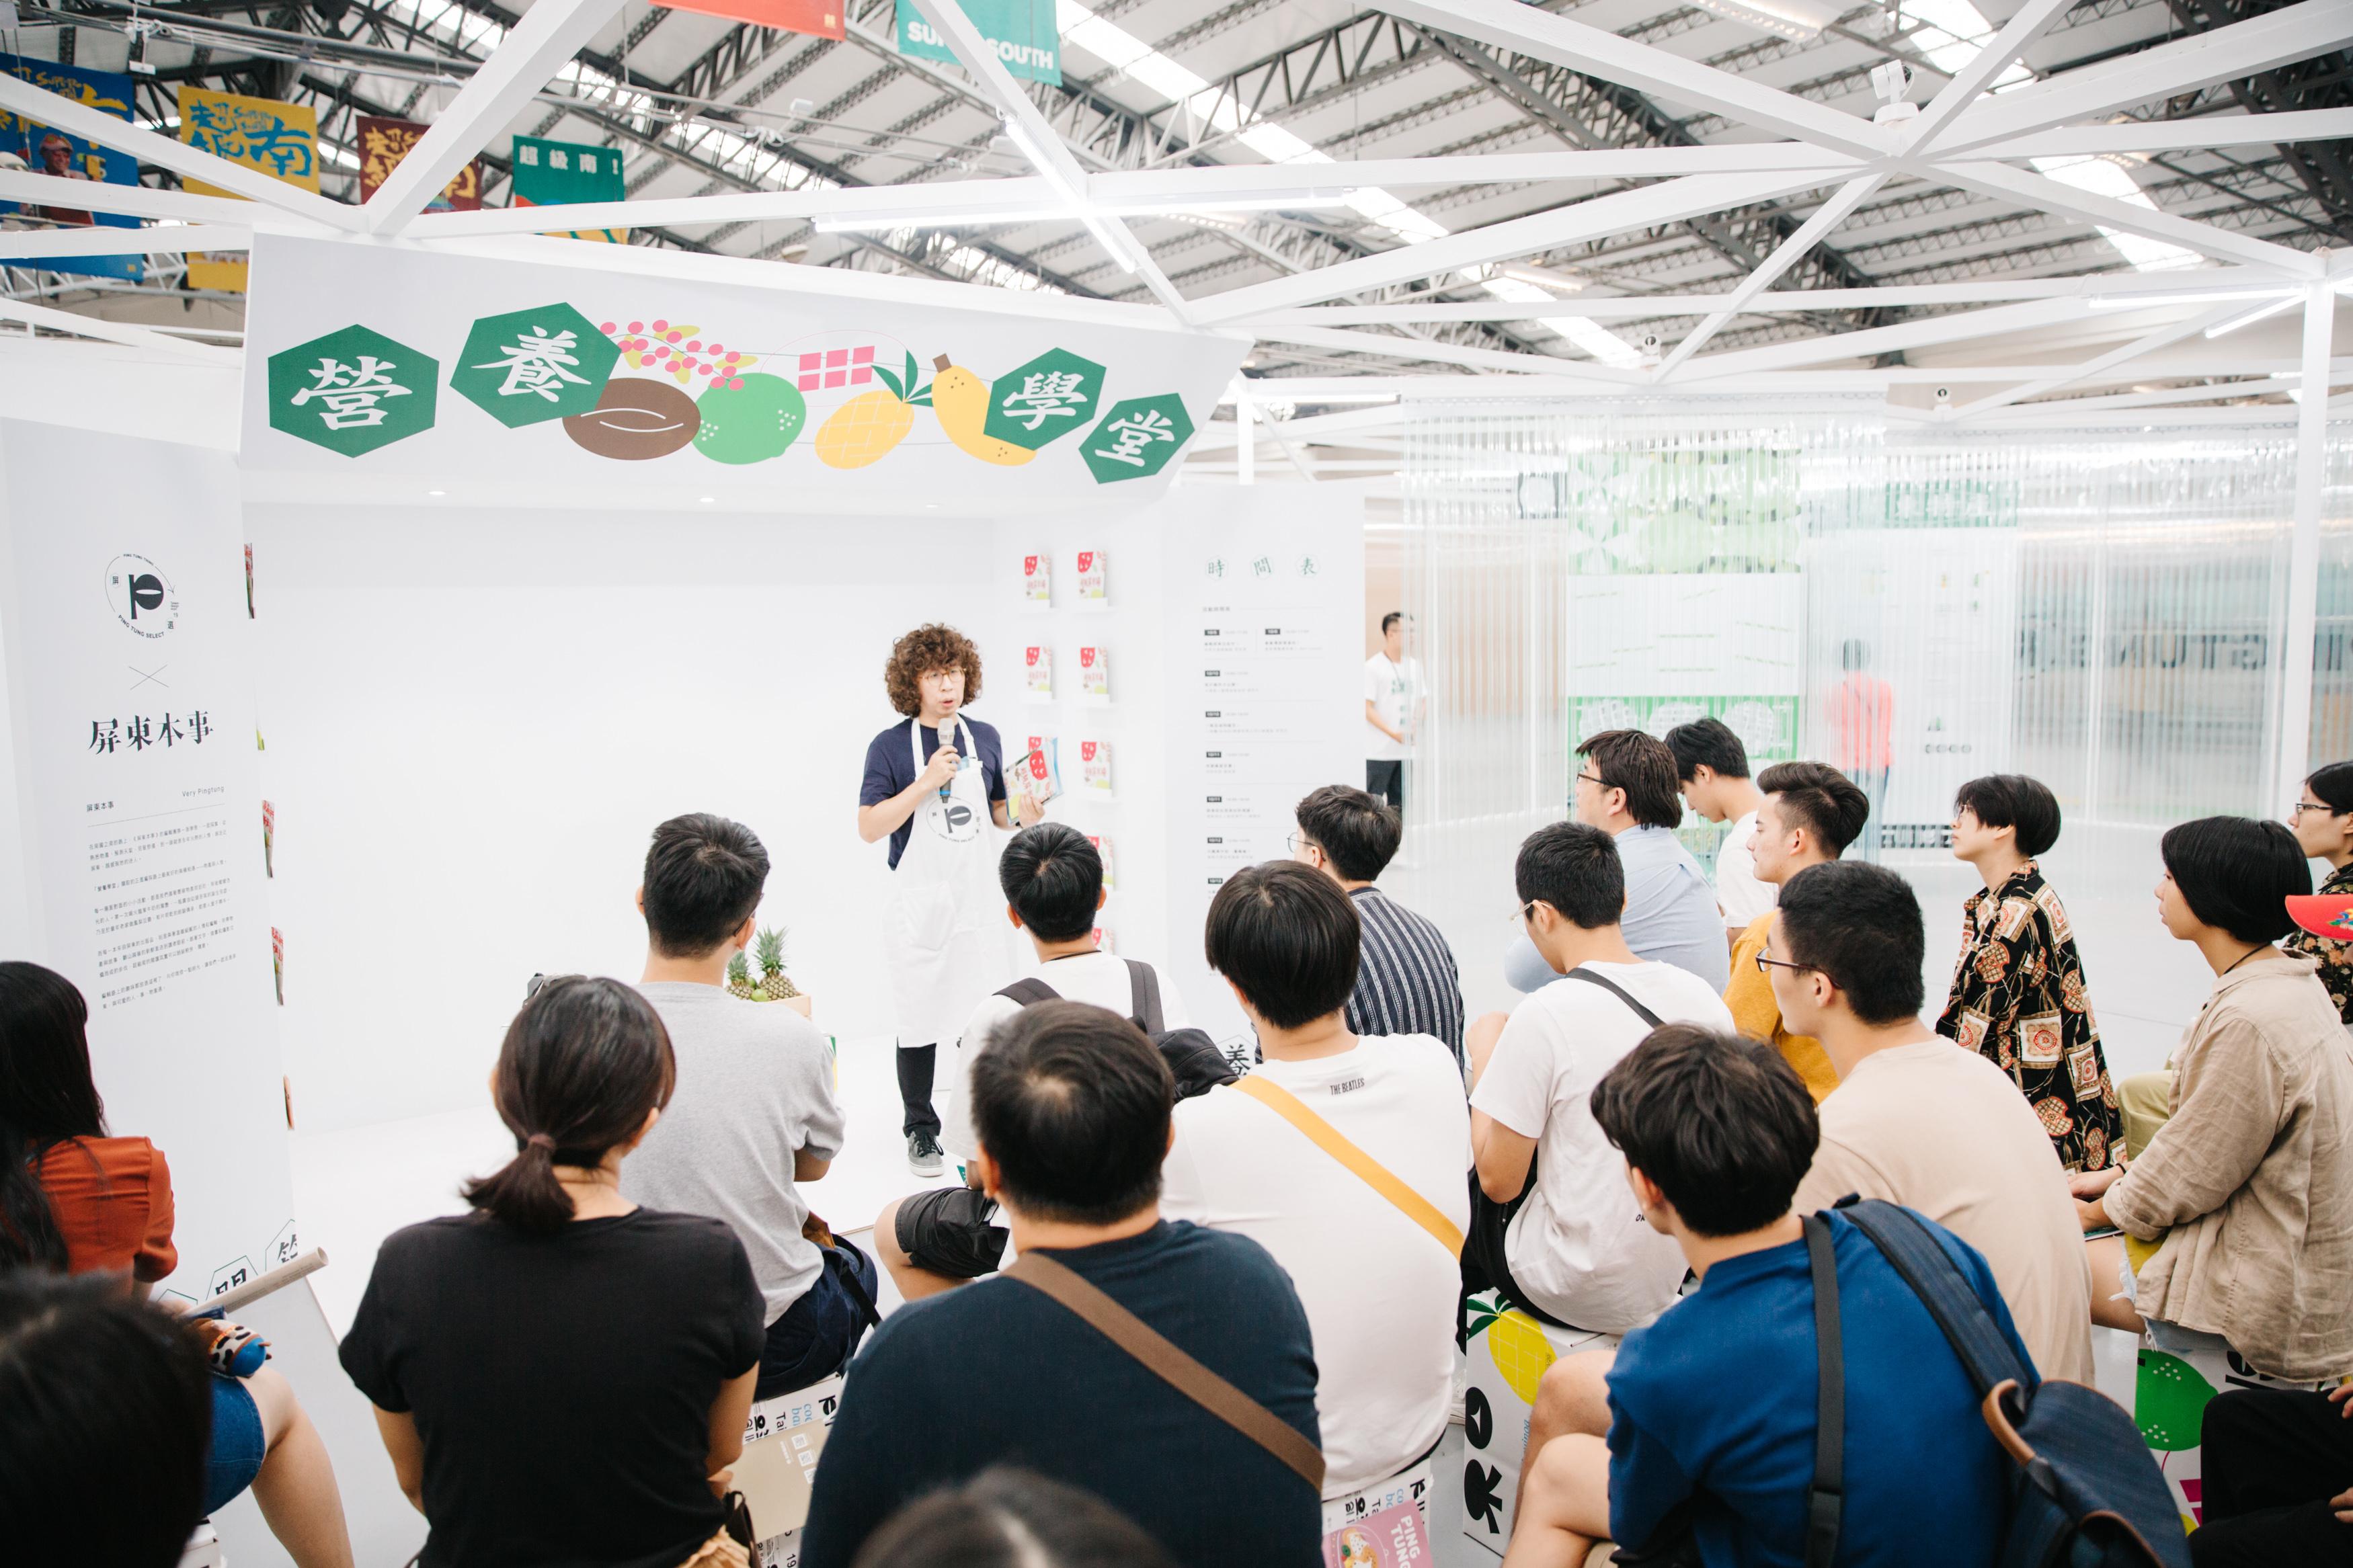 周末展览讲座小学堂 2019台湾设计展